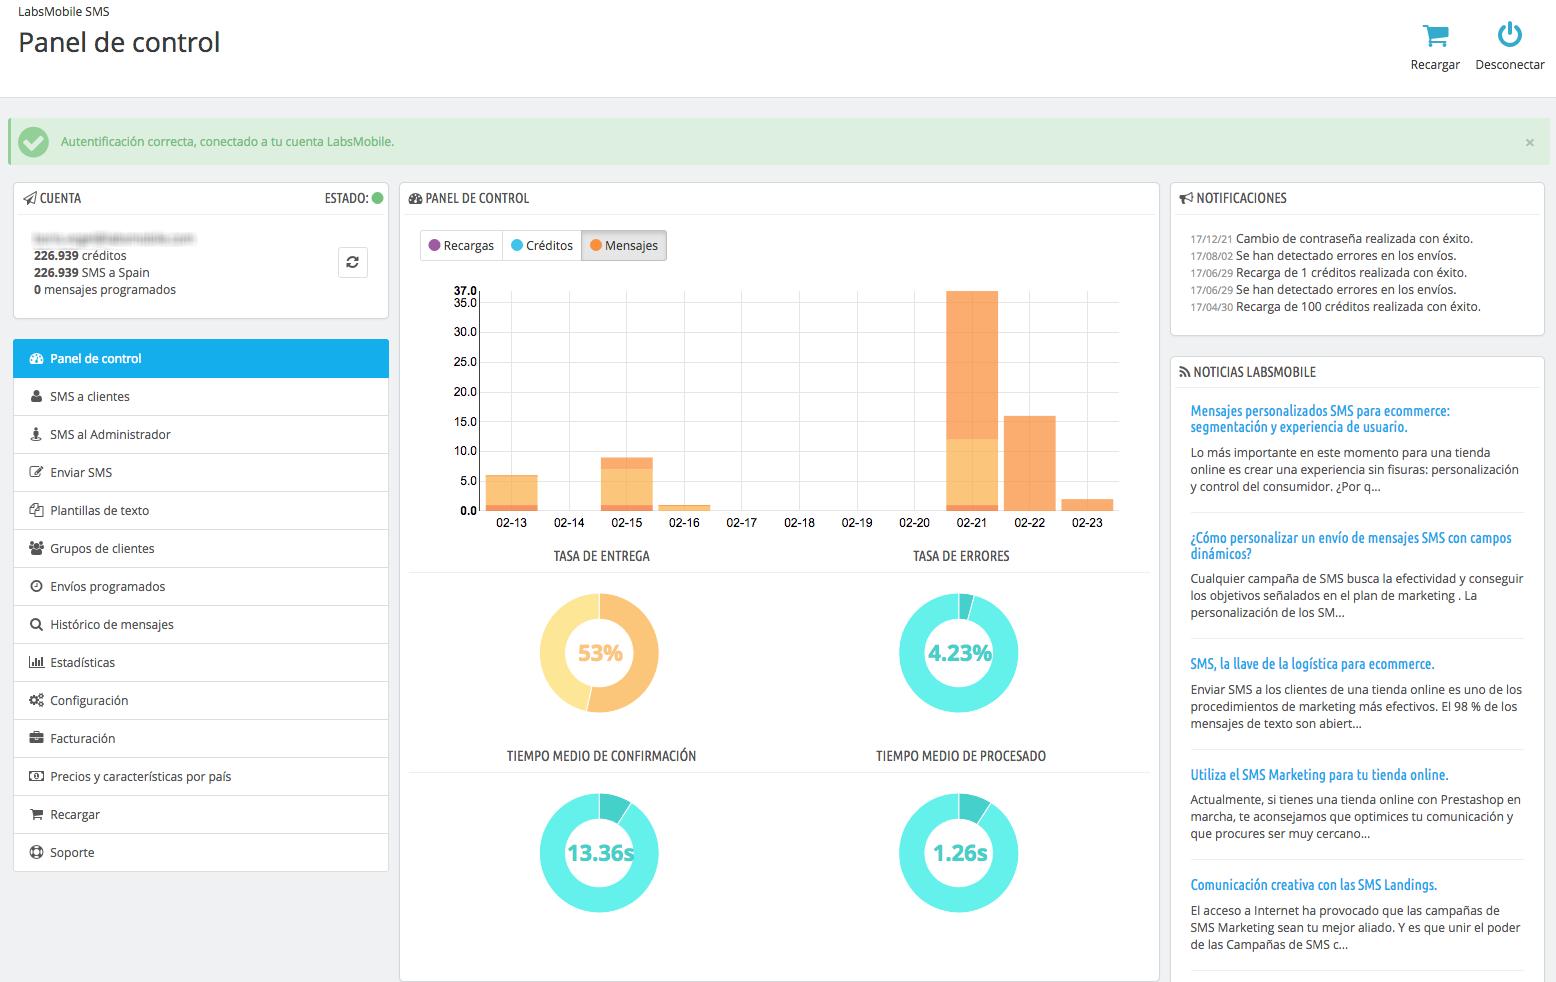 Resum del compte i estadístiques del mòdul LabsMobile SMS per Prestashop.